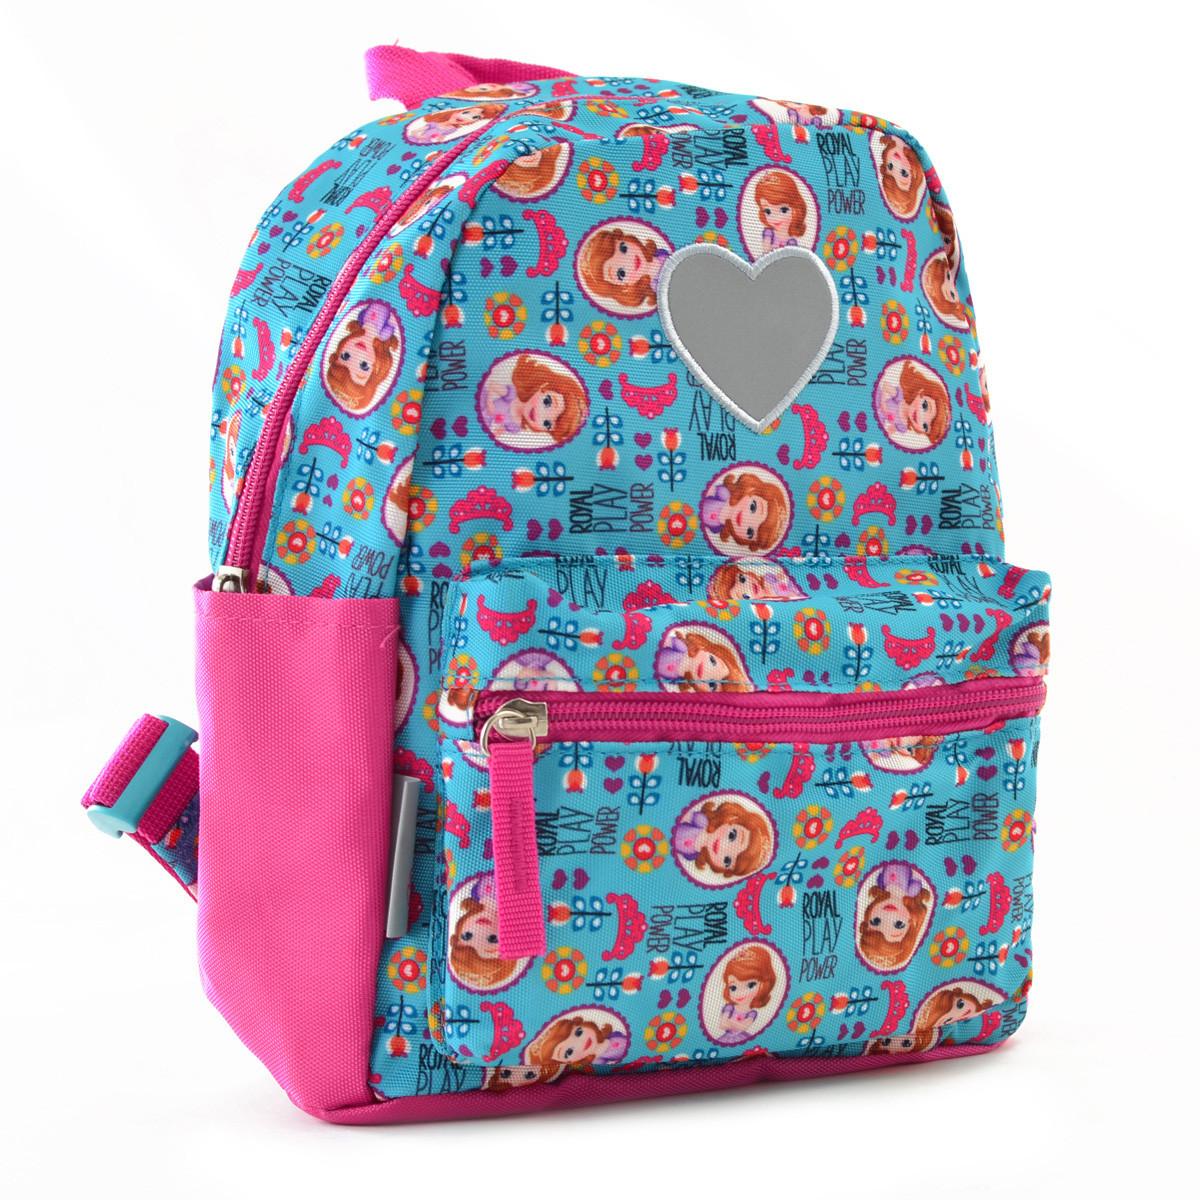 Рюкзак детский дошкольный YES K-19 Sofia 24.5*20*11 код: 555302